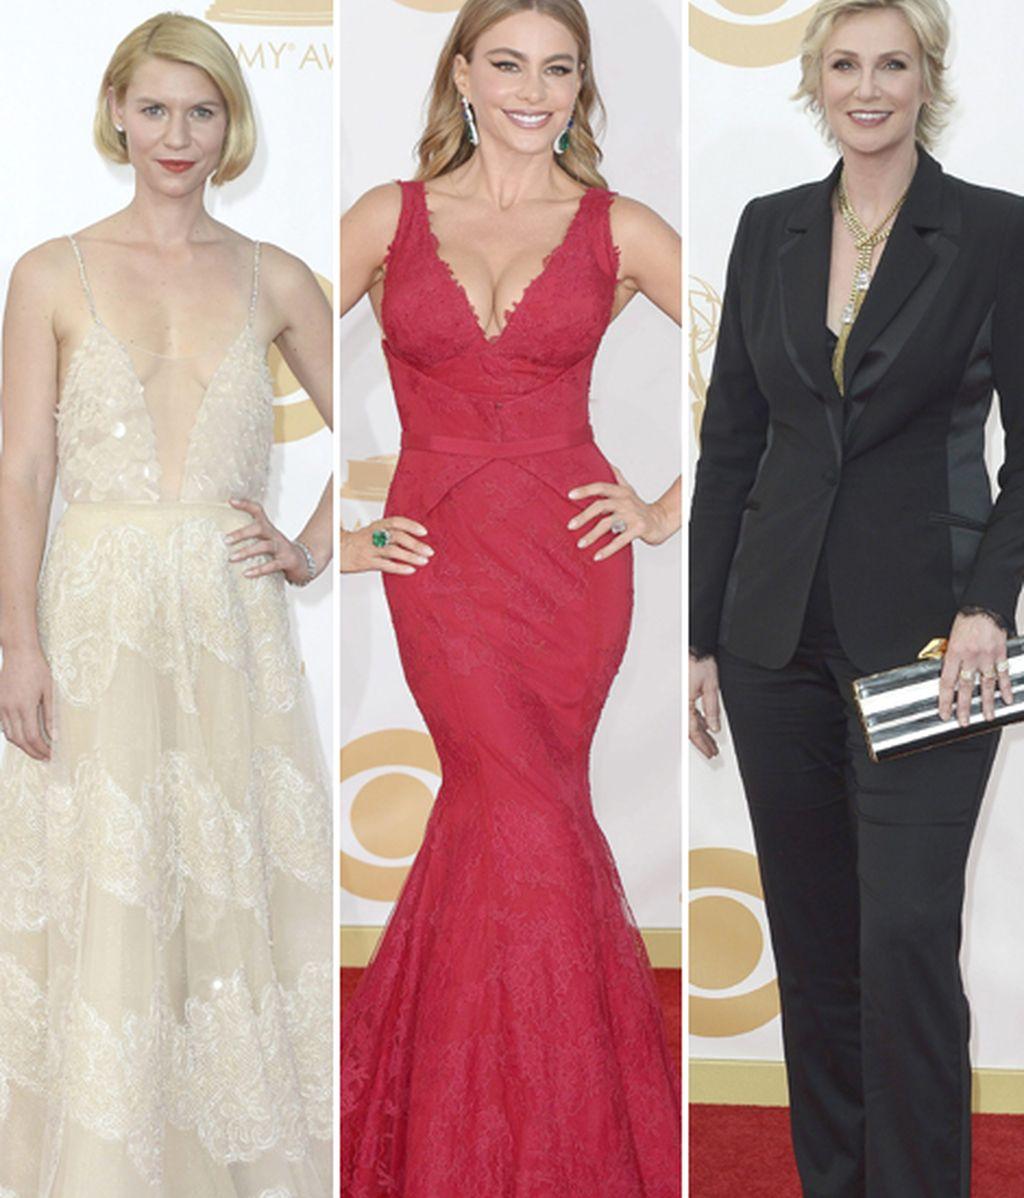 De la etérea Claire Danes a la sobria Jane Lynch, pasando por las curvas de Sofia Vergara